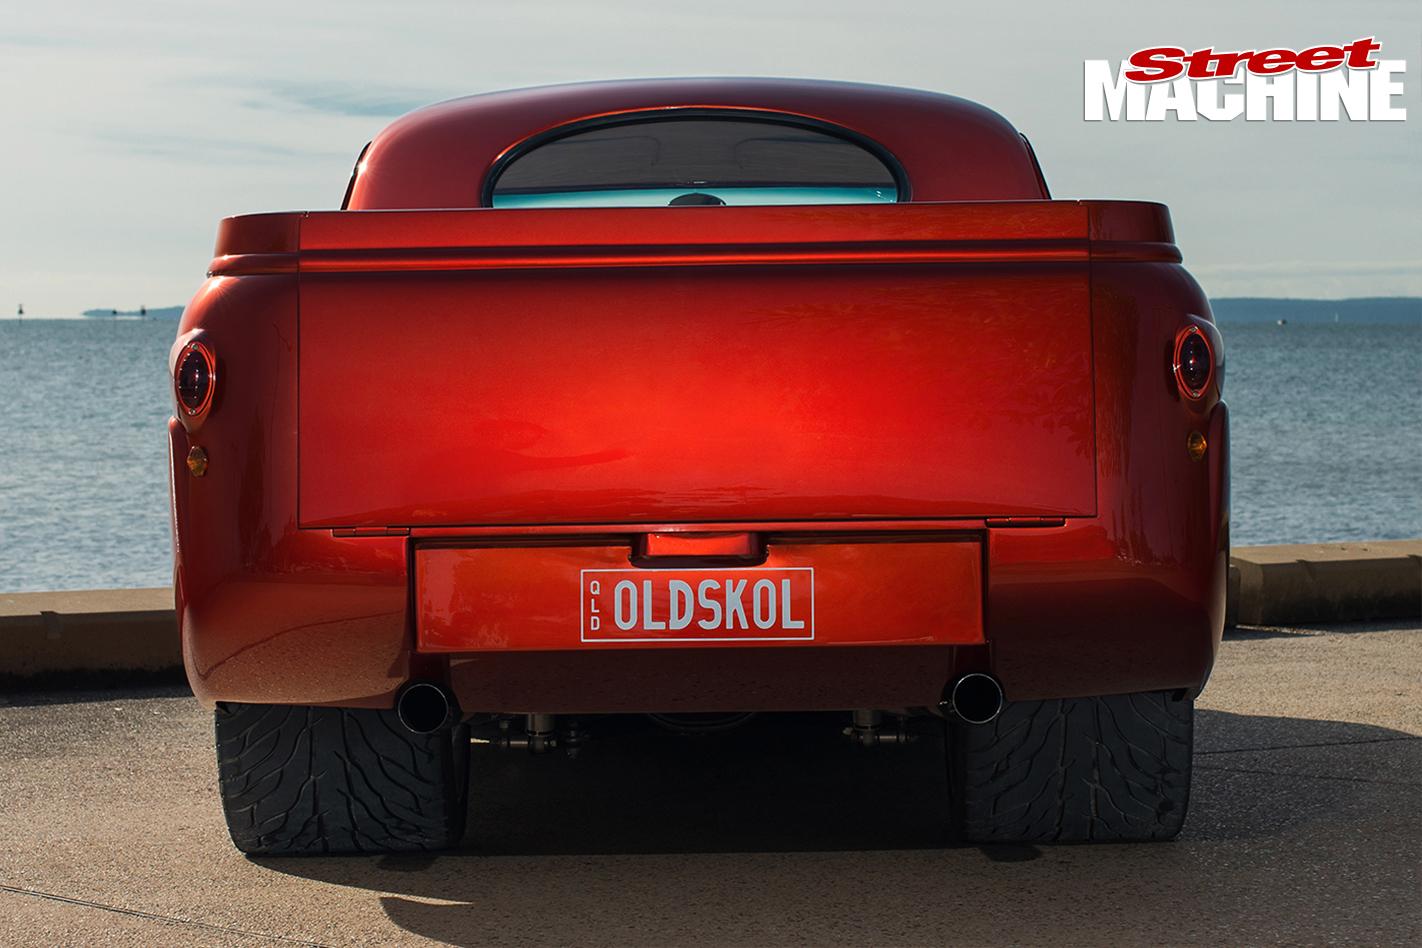 Ford -mainline -ute -old -skool -rear -view